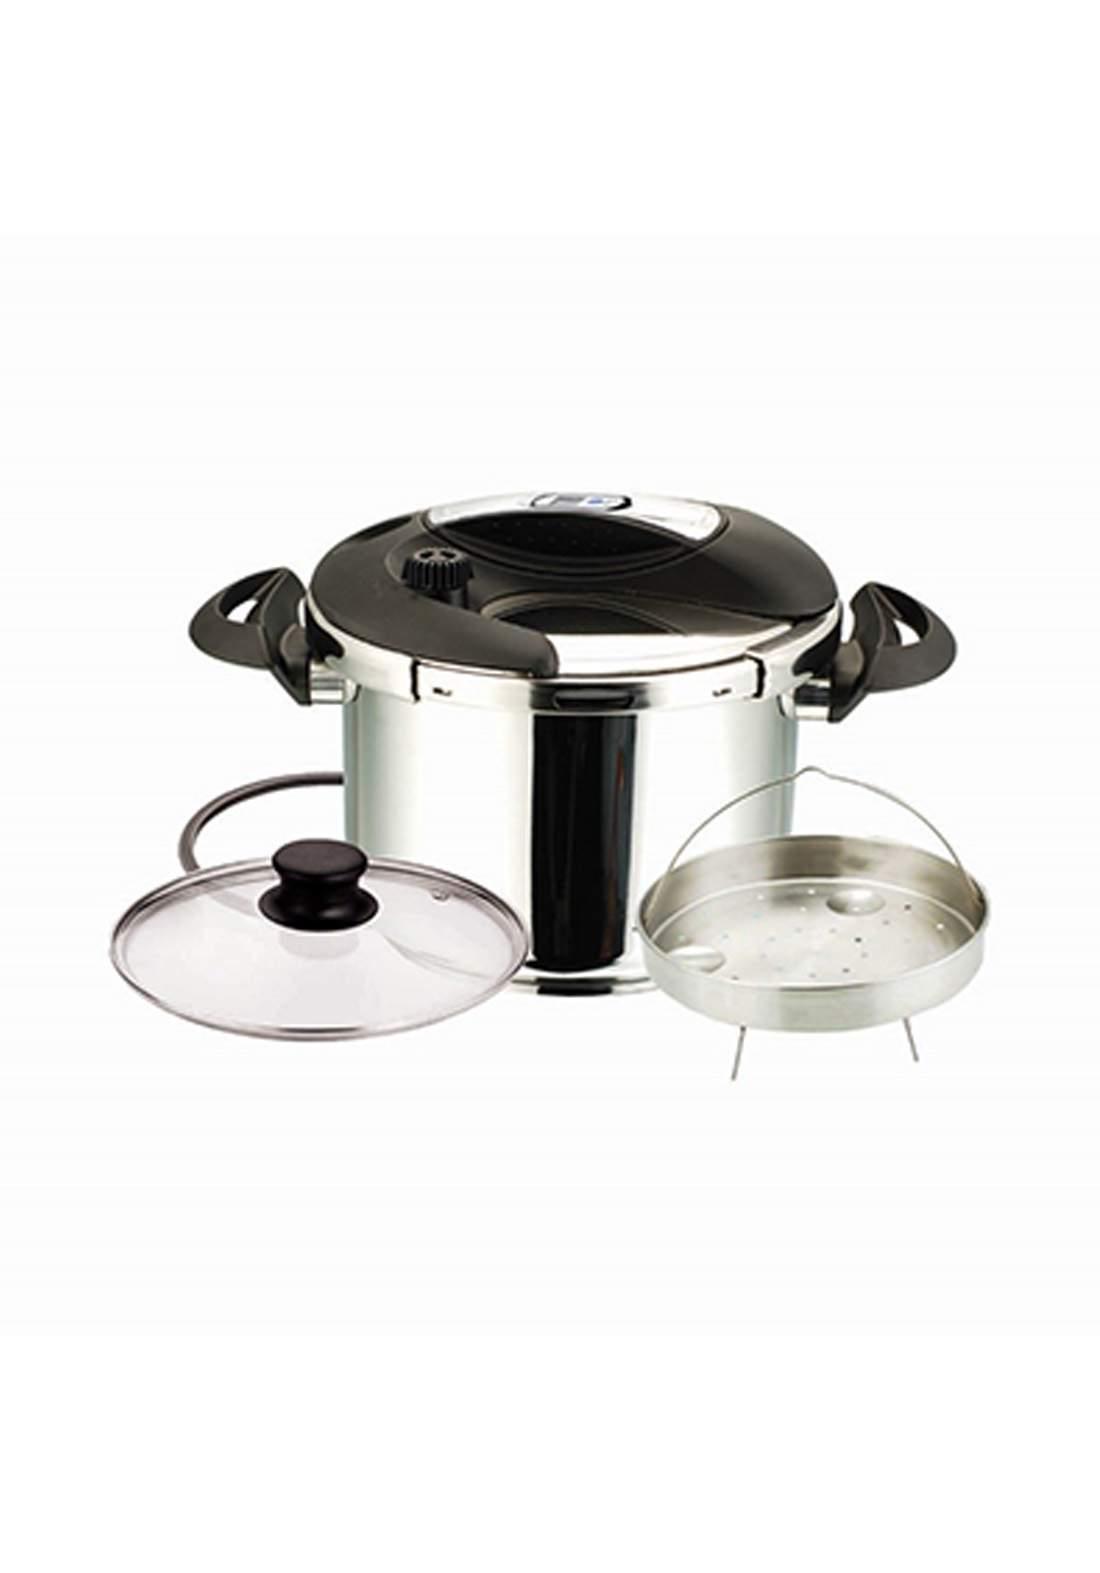 Delmonti DL1030B Pressure cooker 8L قدر ضغط